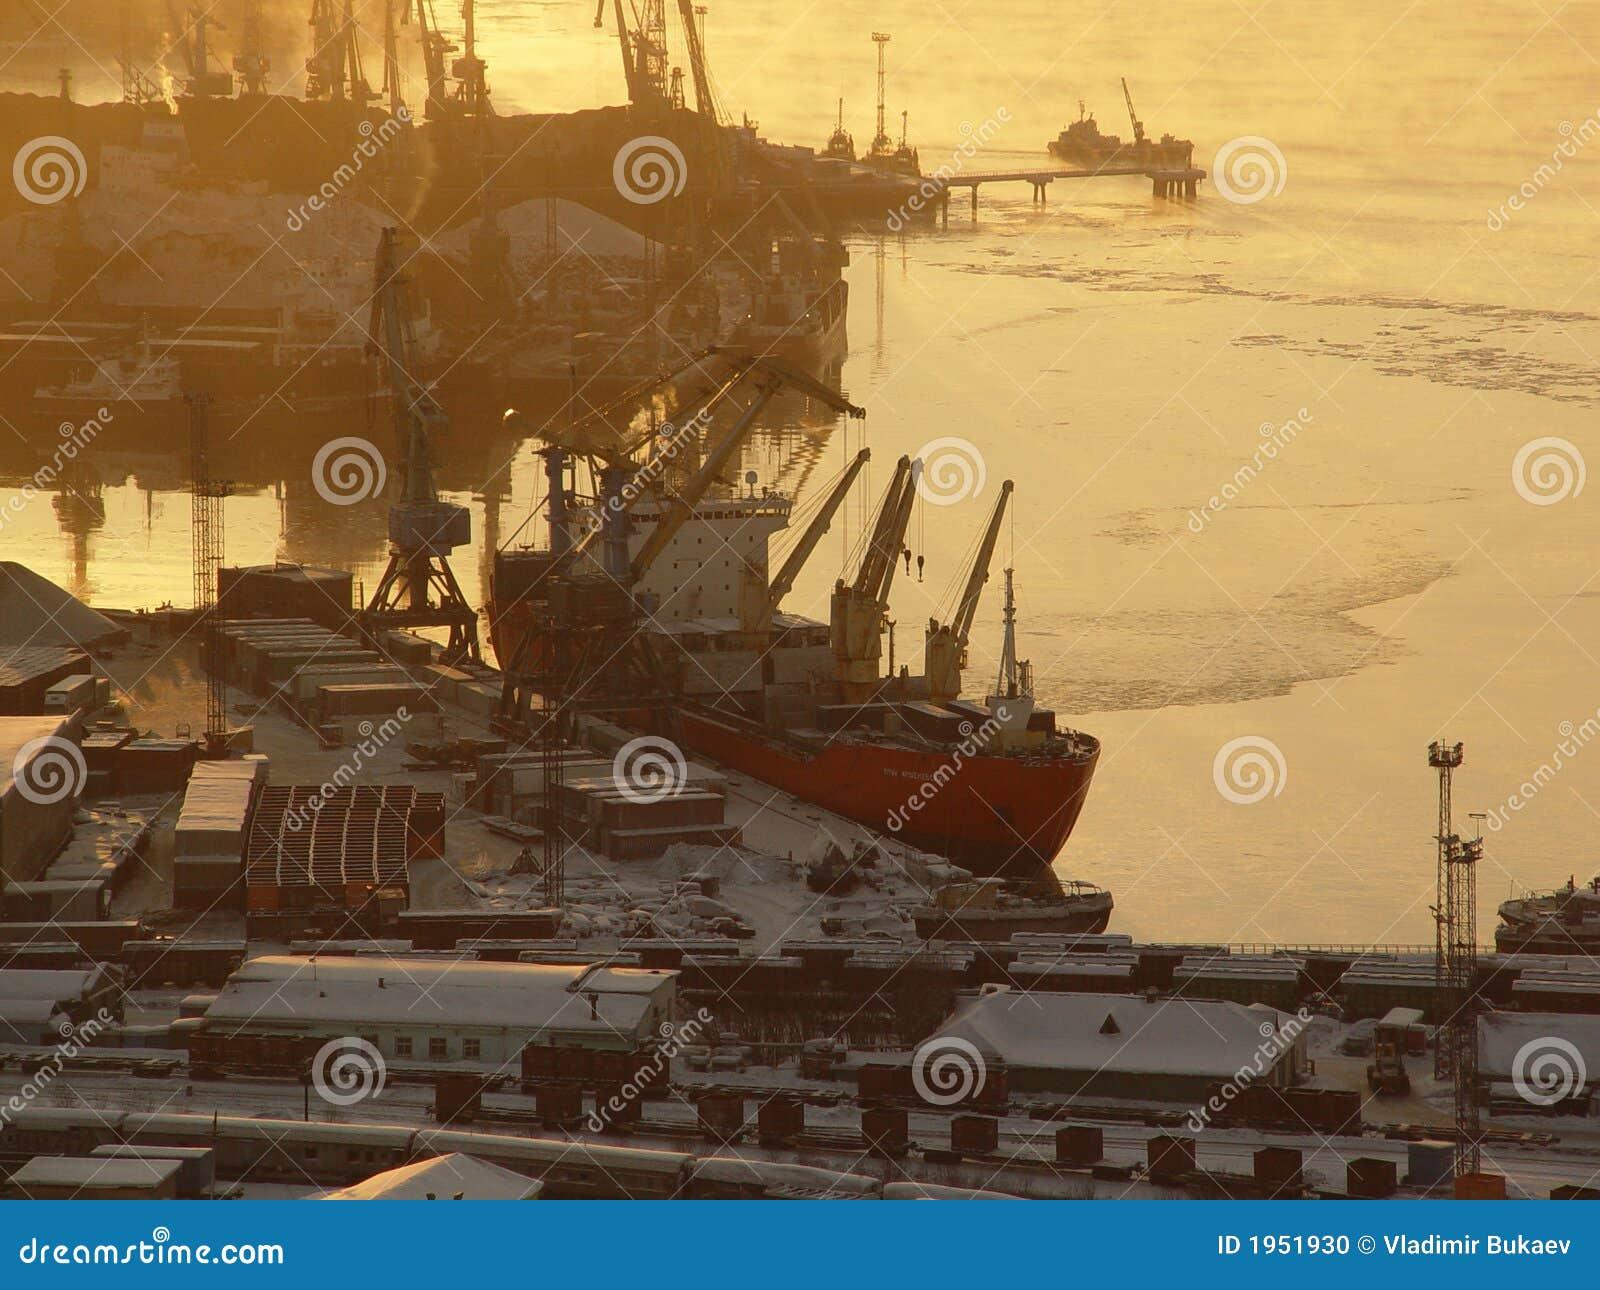 Murmansk seaport